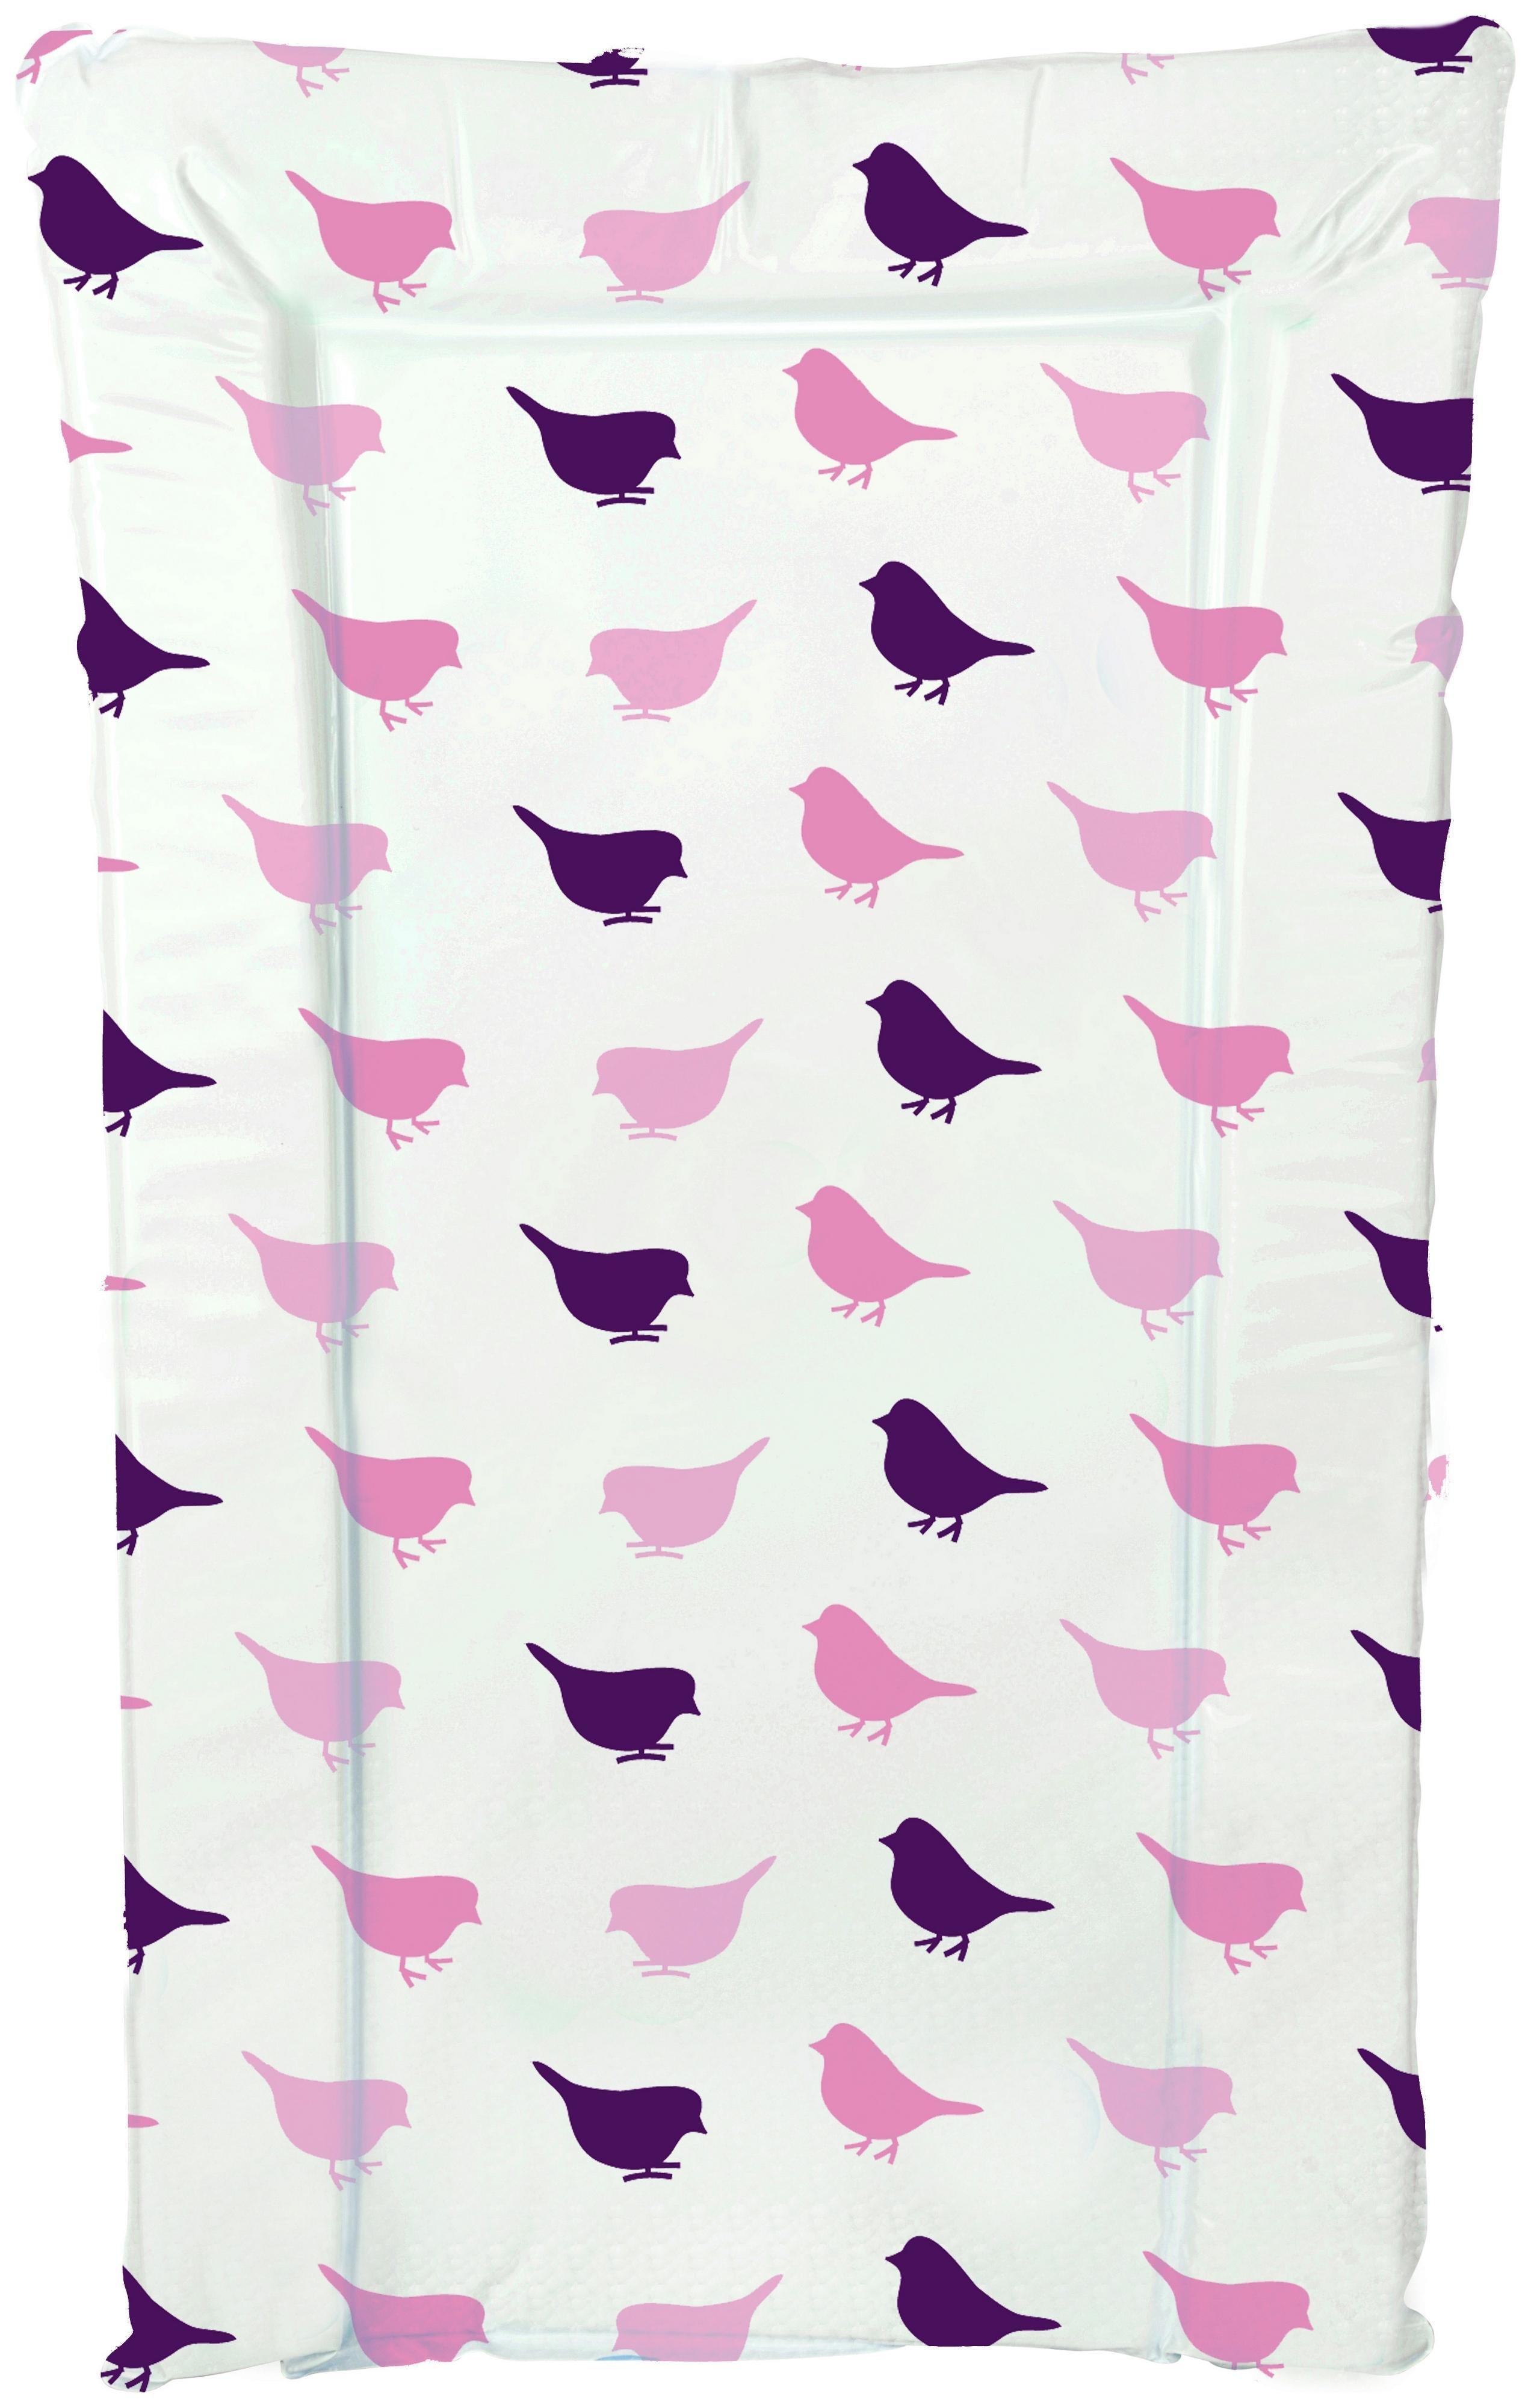 Image of Kit For Kids Pink Bird Change Mat - Large.